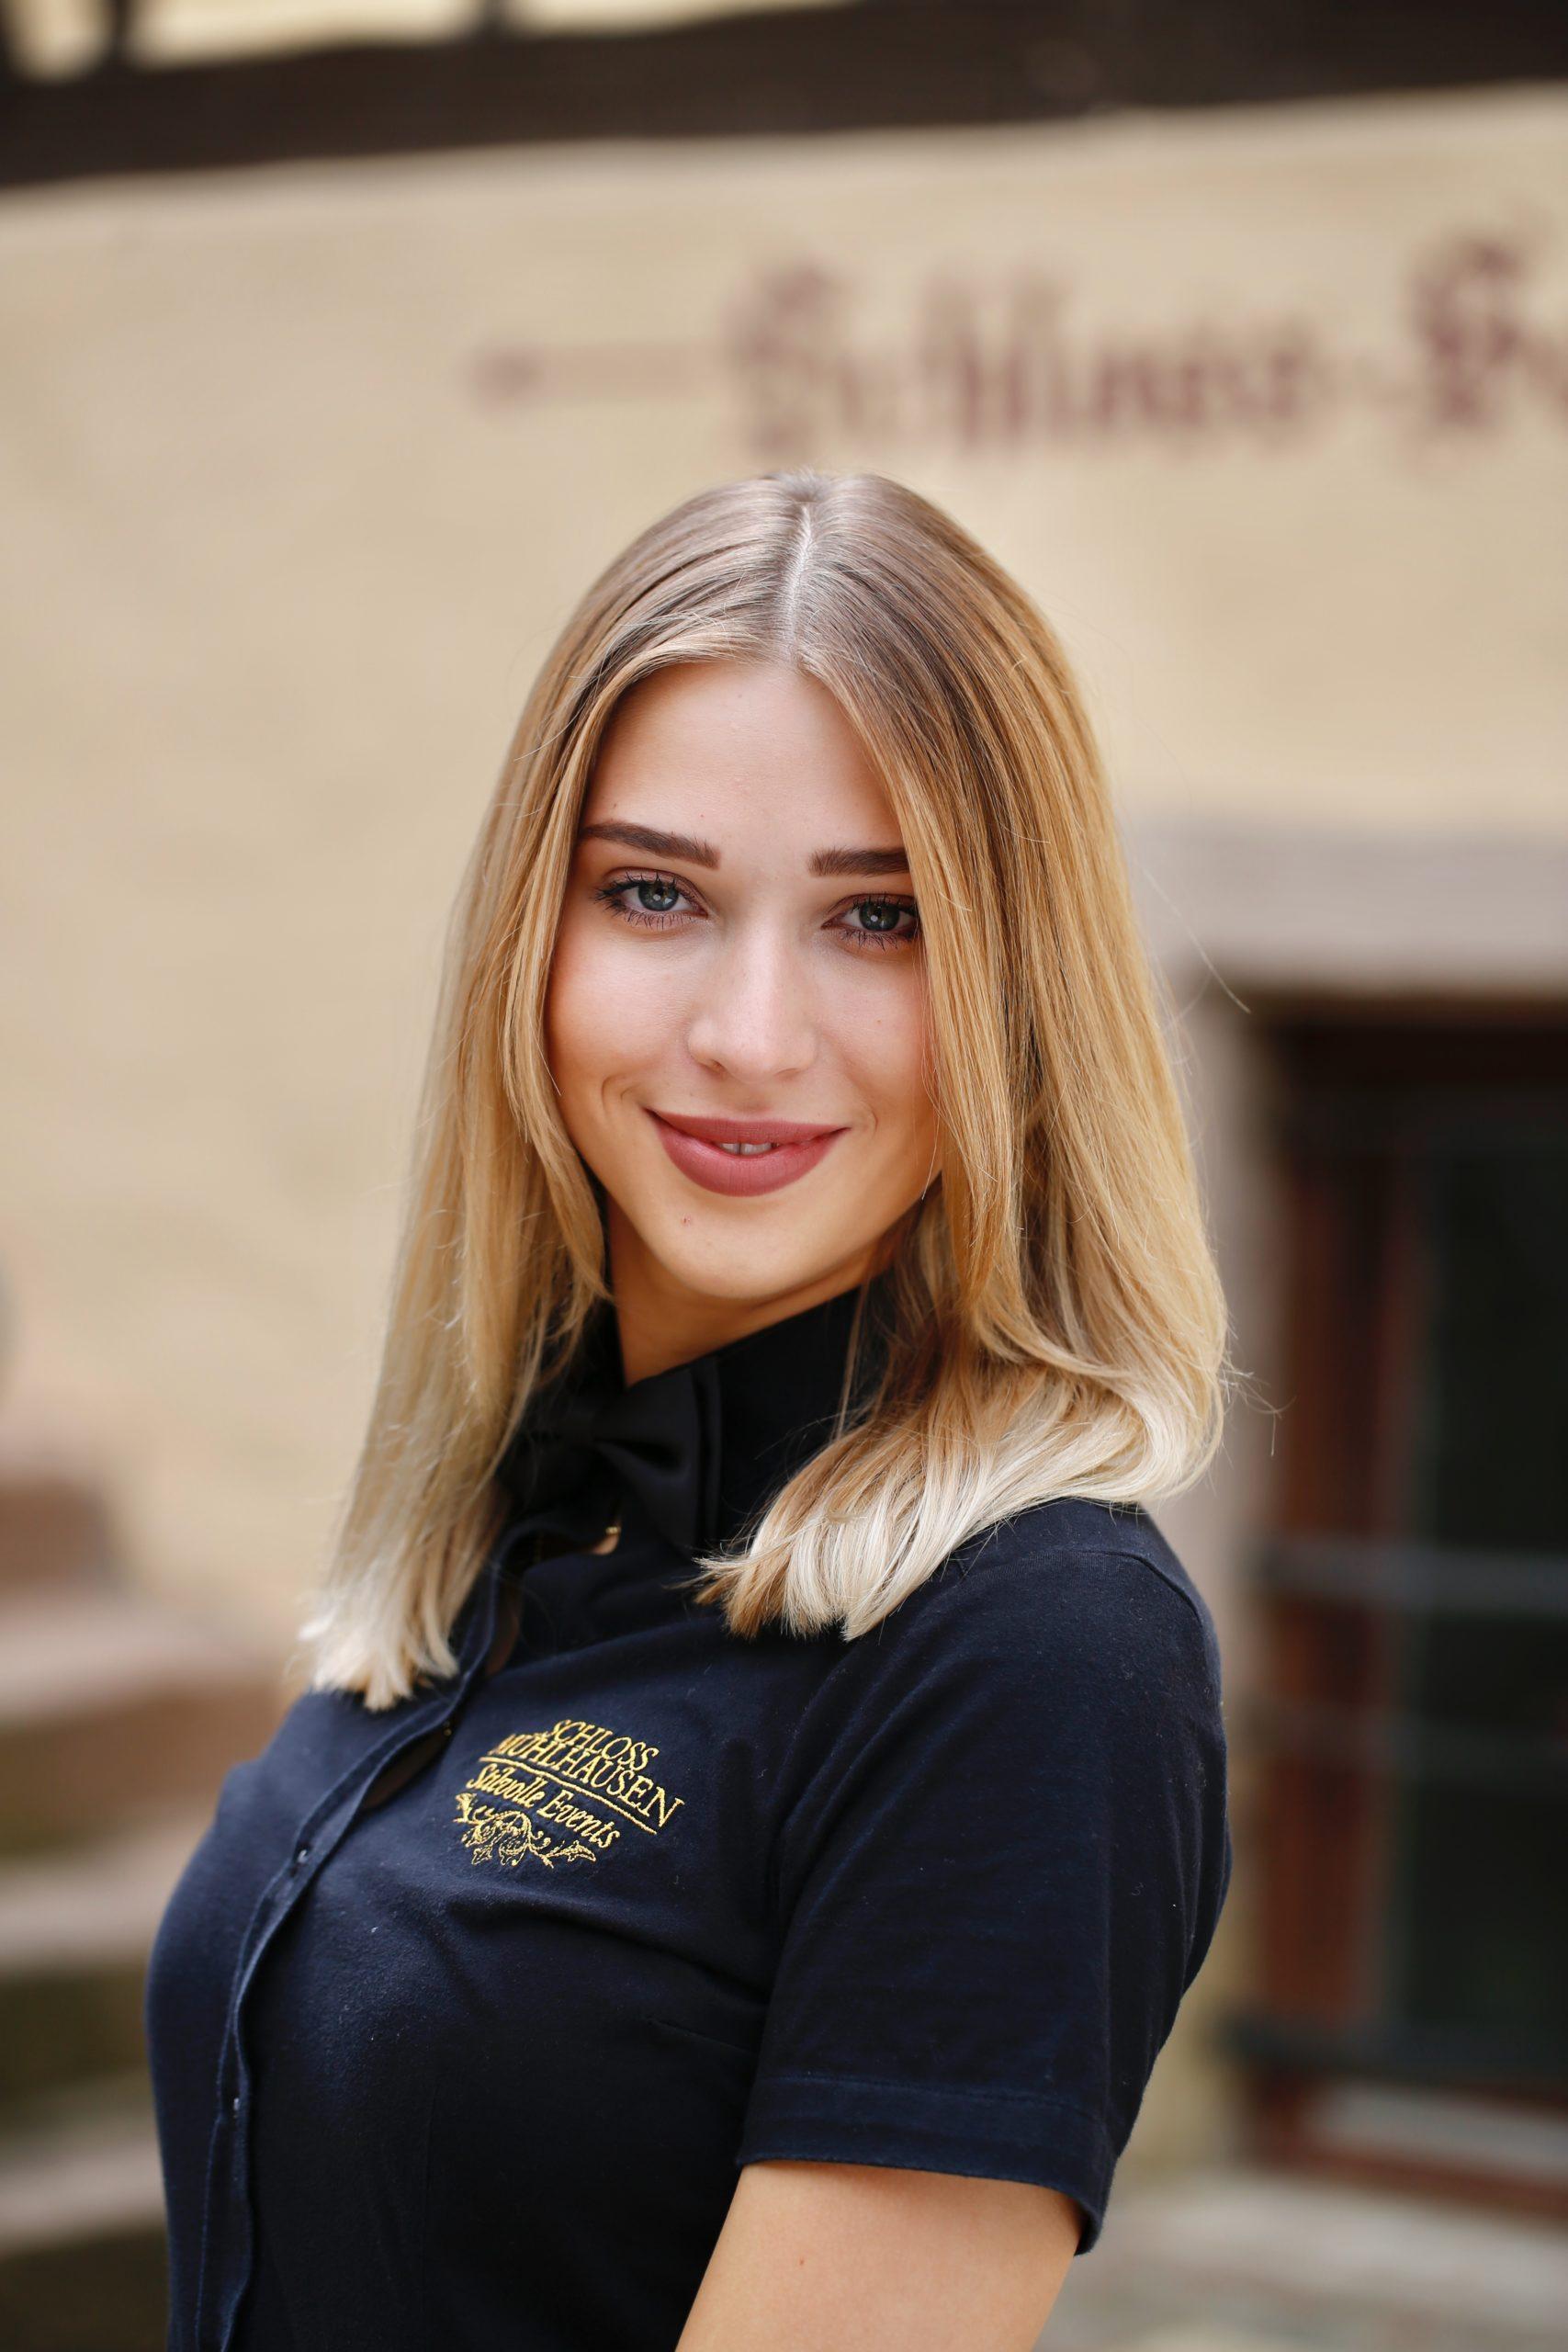 Lisa Weiler